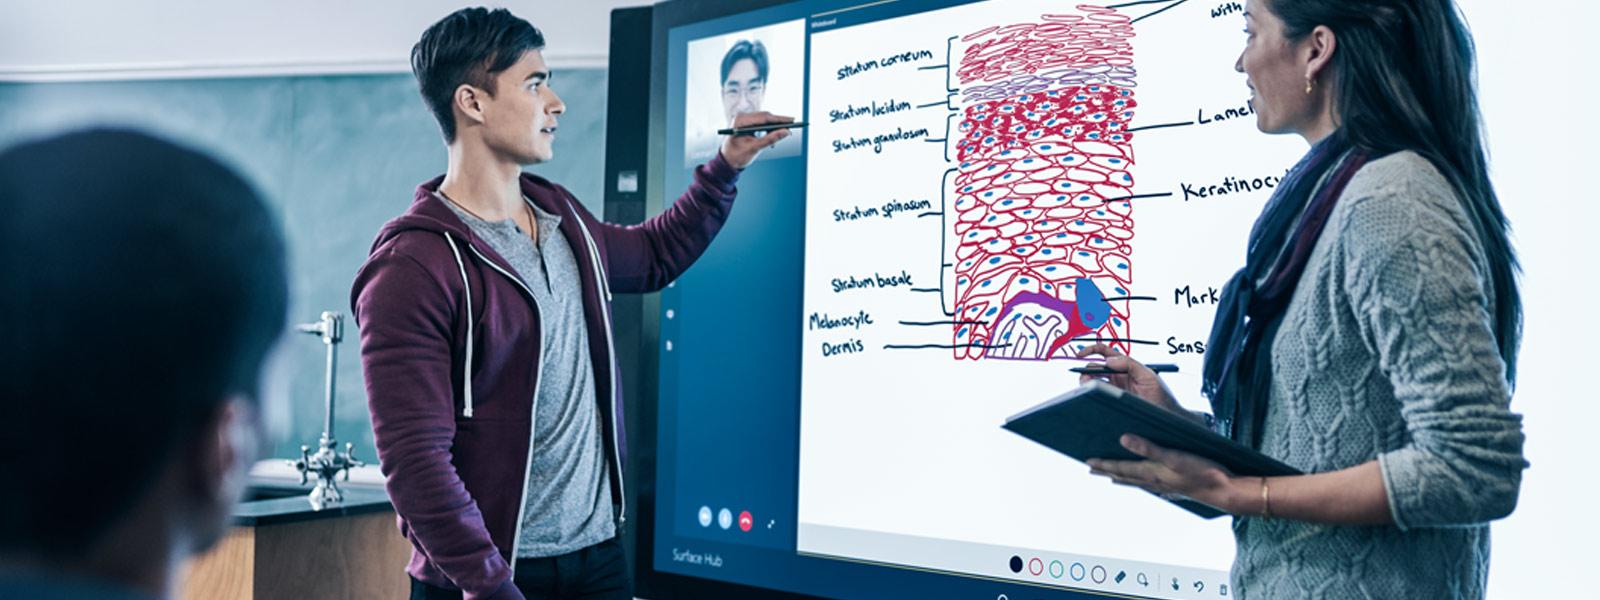 : Twee studenten gebruiken Surface-pen op een Surface Hub-scherm, met behulp van Skype en Microsoft Whiteboard, in een klaslokaalomgeving.